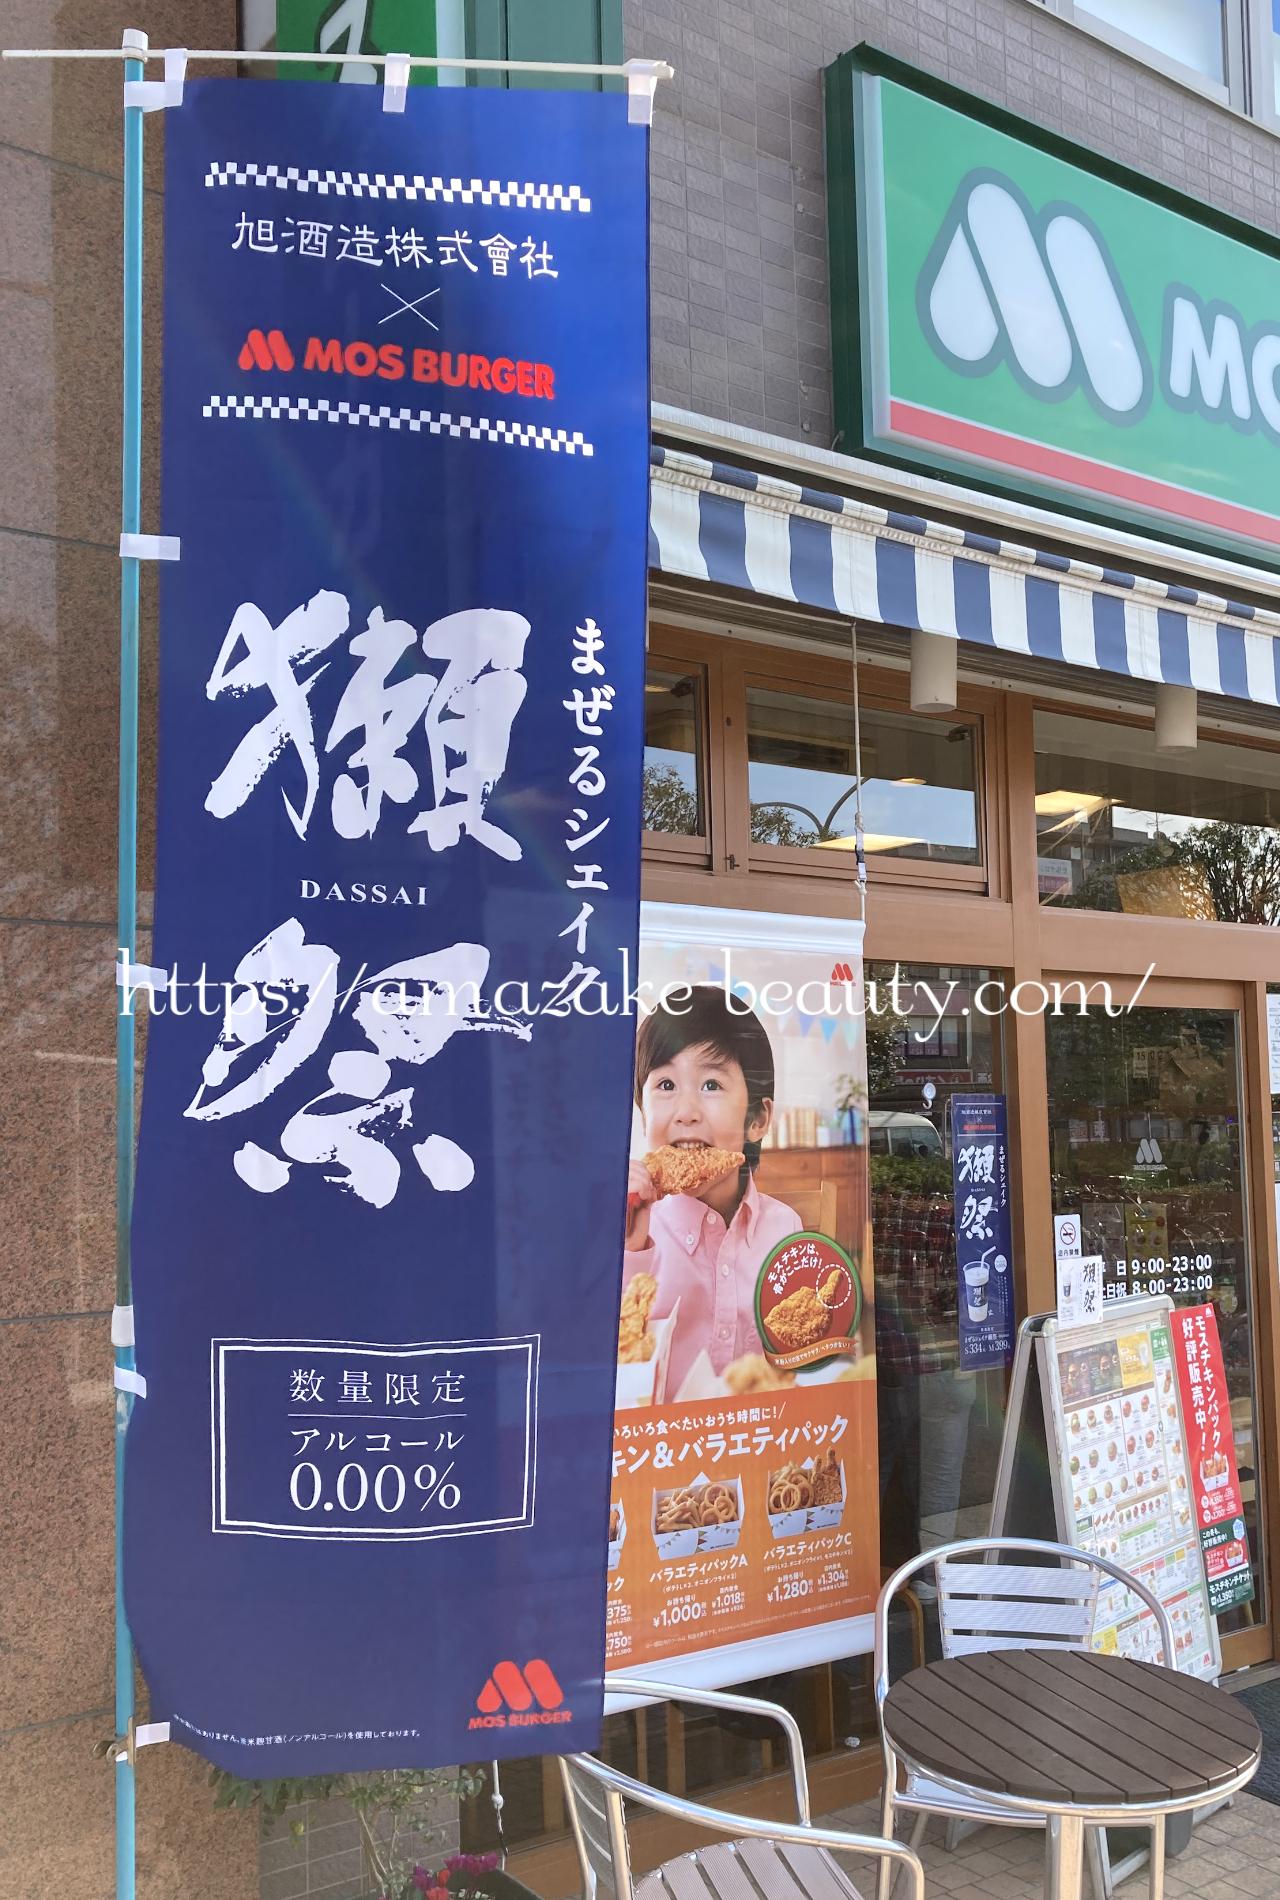 [amazake cafe] mosubaga[mazeru shieiku dassai](shop)